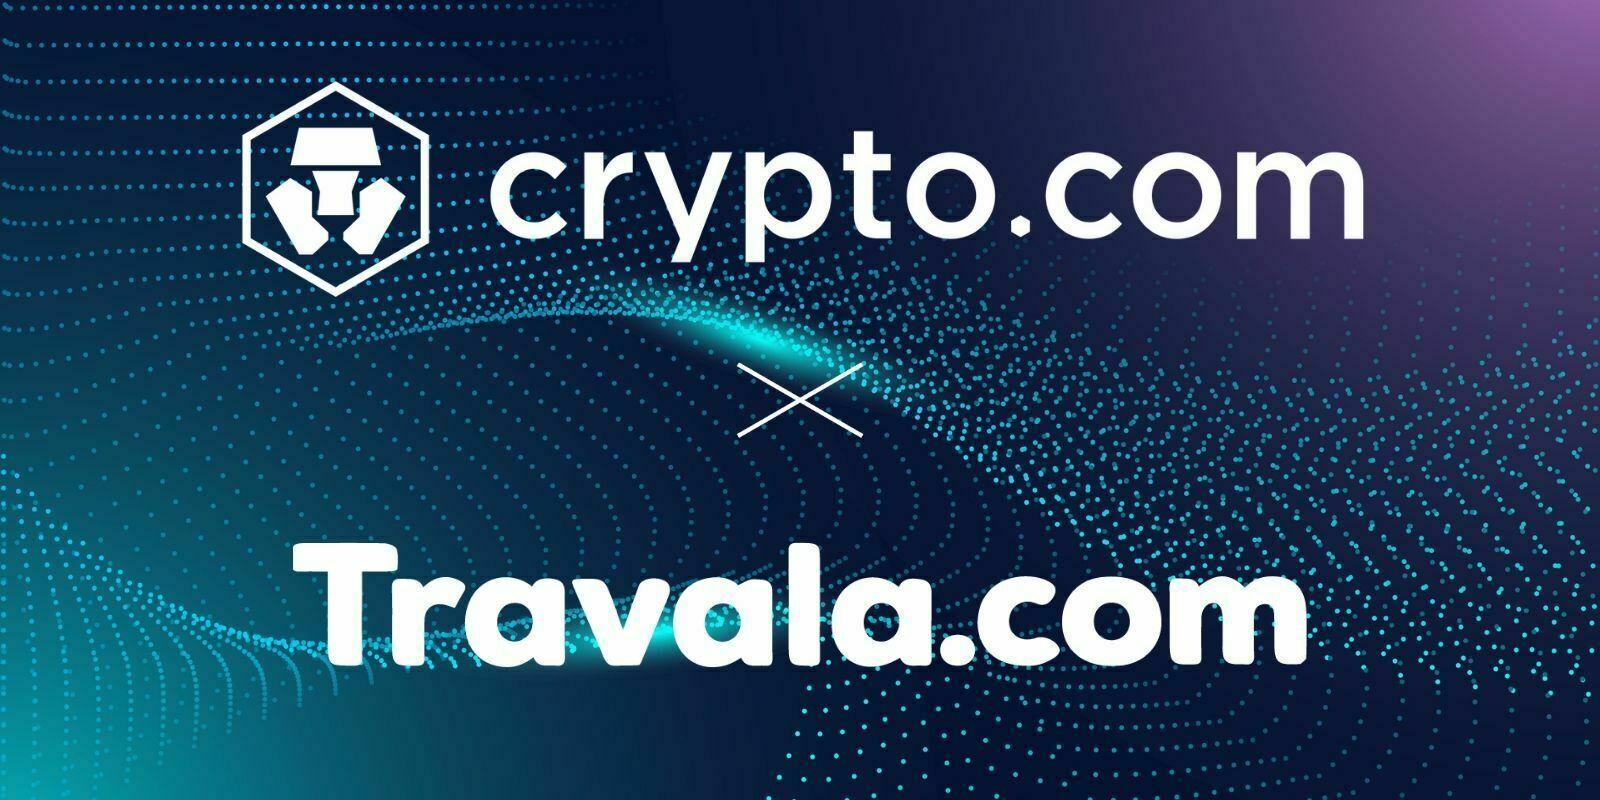 Crypto.com noue un partenariat avec le service de réservation d'hôtel Travala